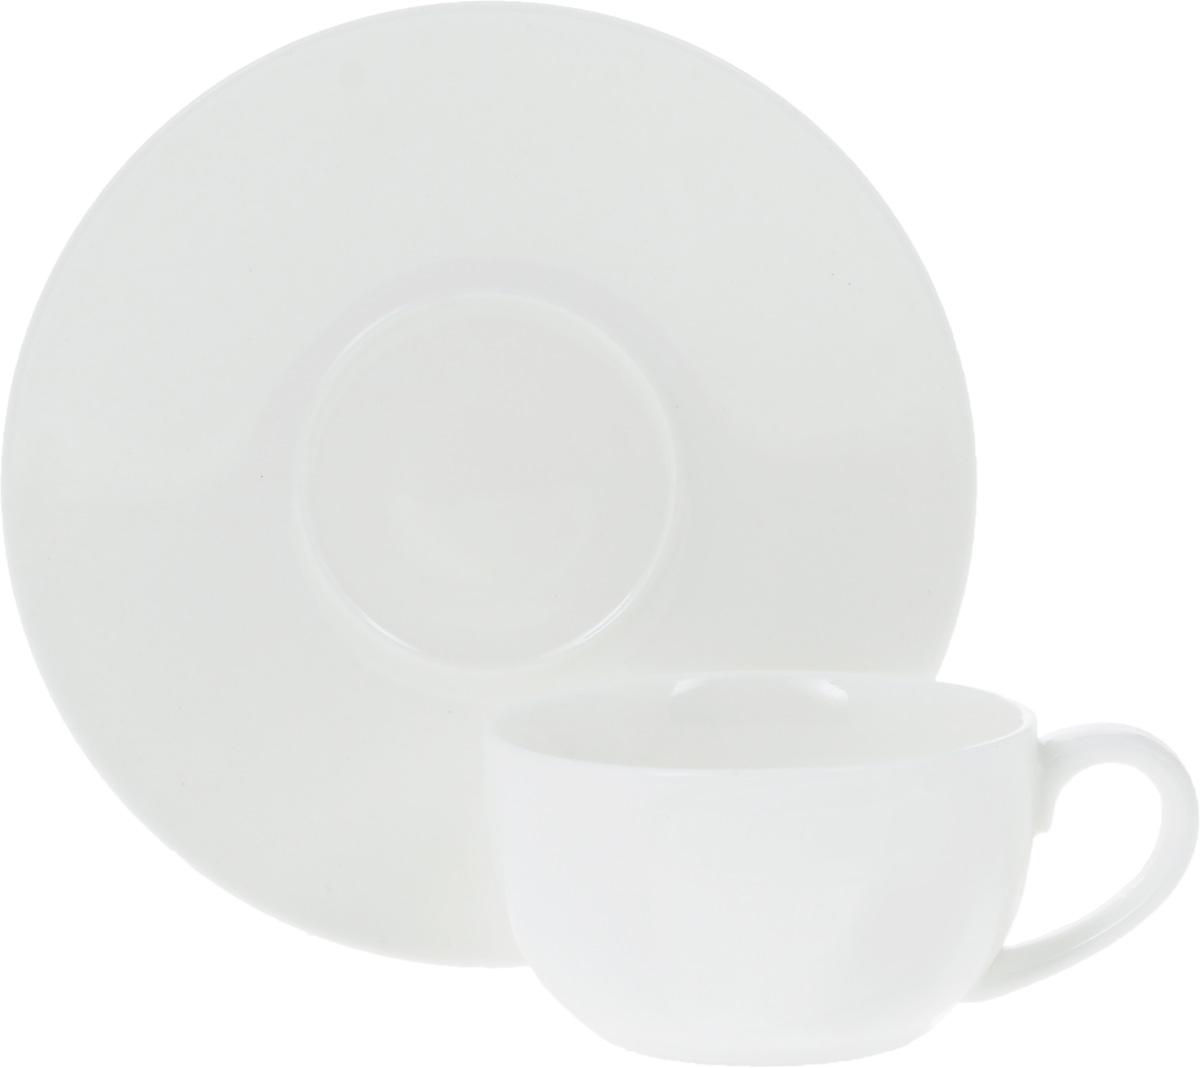 Кофейная пара Wilmax, 2 предмета. WL-993002 / AB54 009312Кофейная пара Wilmax состоит из чашки и блюдца. Изделия выполнены из высококачественного фарфора, покрытого слоем глазури. Изделия имеют лаконичный дизайн, просты и функциональны в использовании. Кофейная пара Wilmax украсит ваш кухонный стол, а также станет замечательным подарком к любому празднику.Изделия можно мыть в посудомоечной машине и ставить в микроволновую печь. Объем чашки: 100 мл.Диаметр чашки (по верхнему краю): 7 см.Высота чашки: 4 см.Диаметр блюдца: 13,5 см.